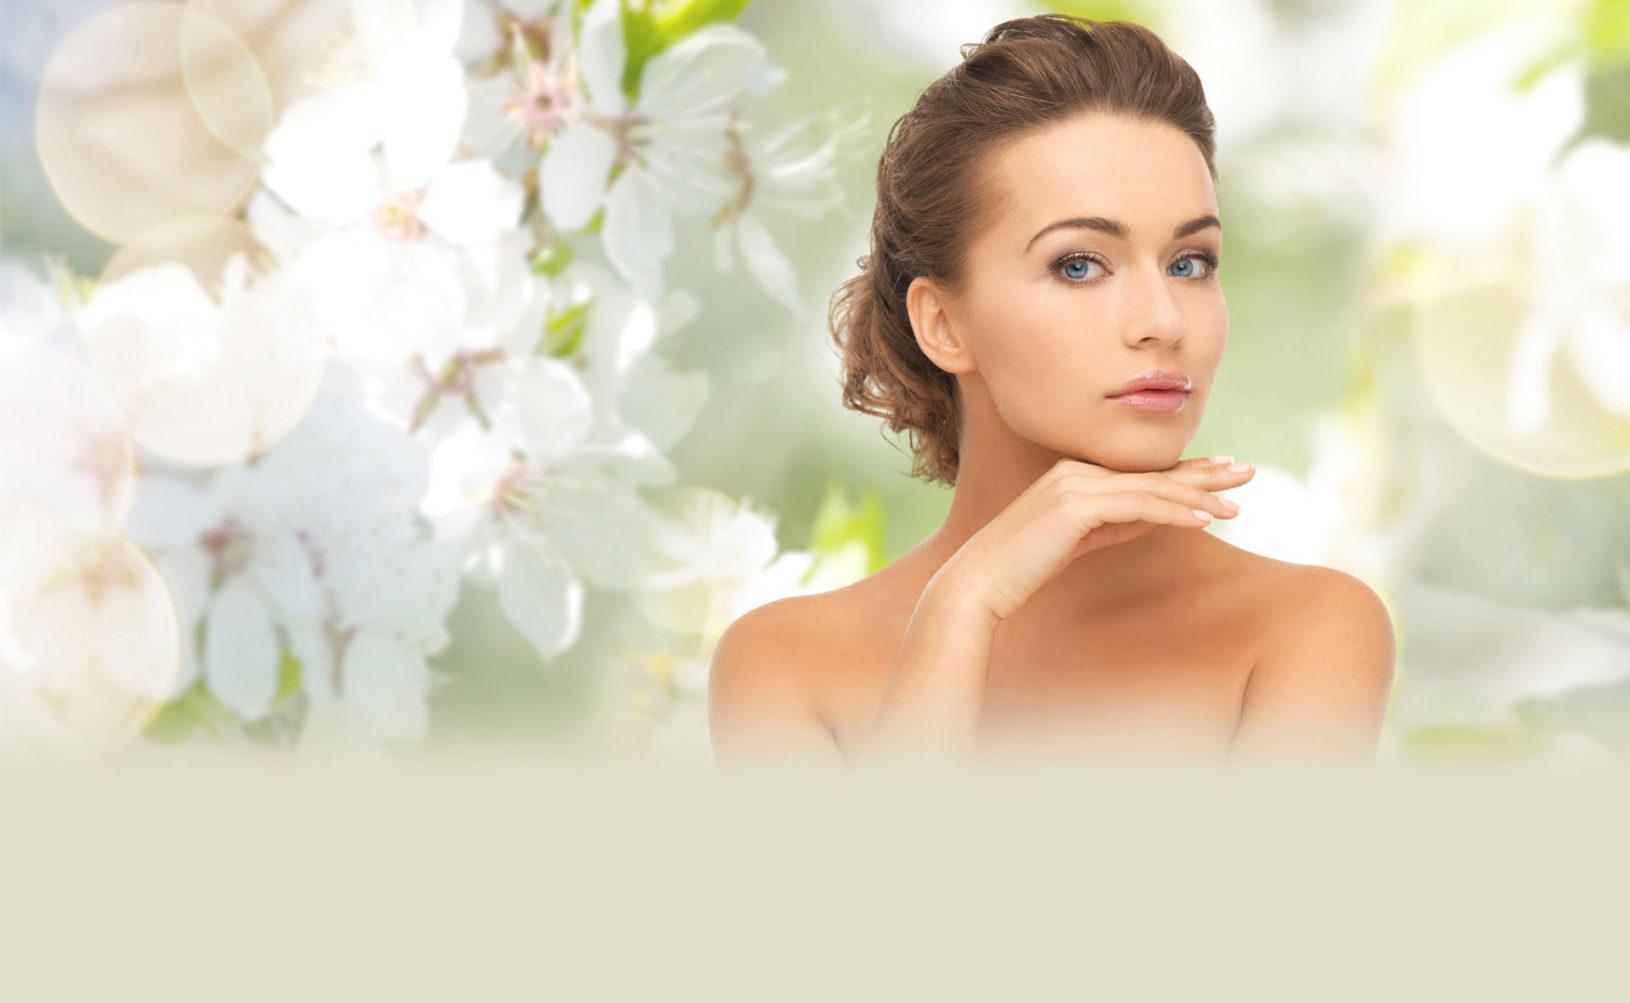 Retrato de mujer con tratamientos de belleza sobre fondo de flores